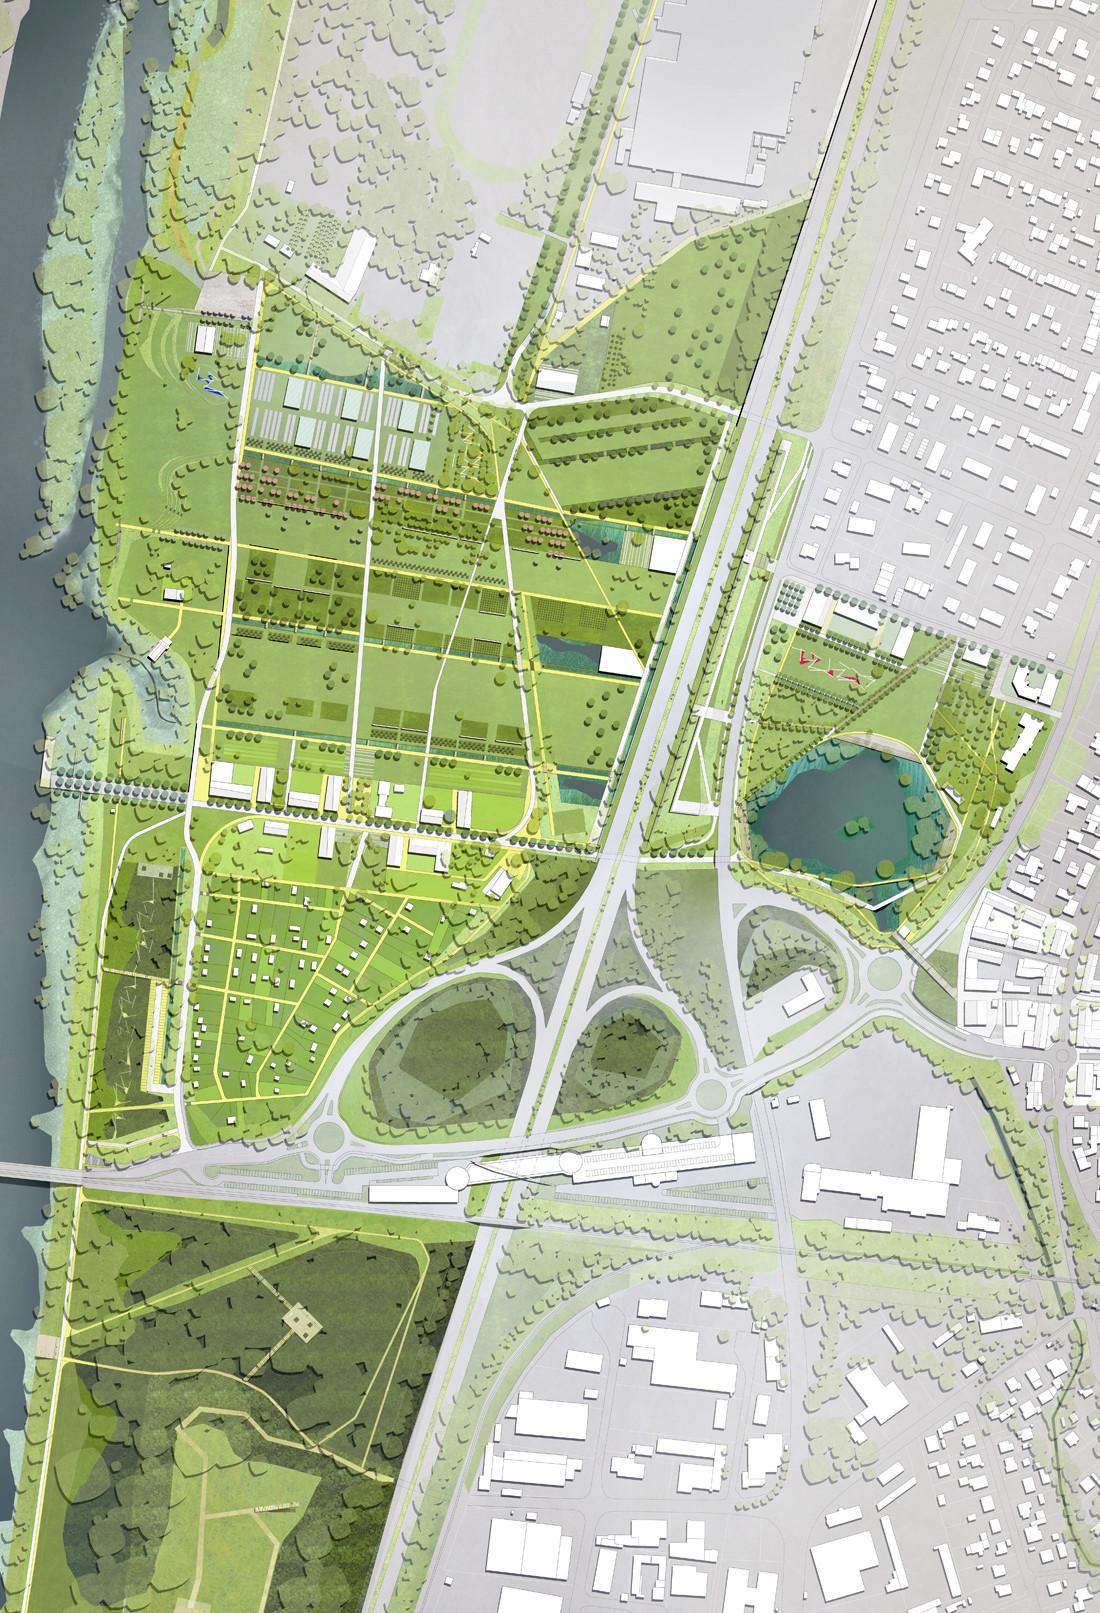 LGS-2022-neuenburg-am-rhein-plan